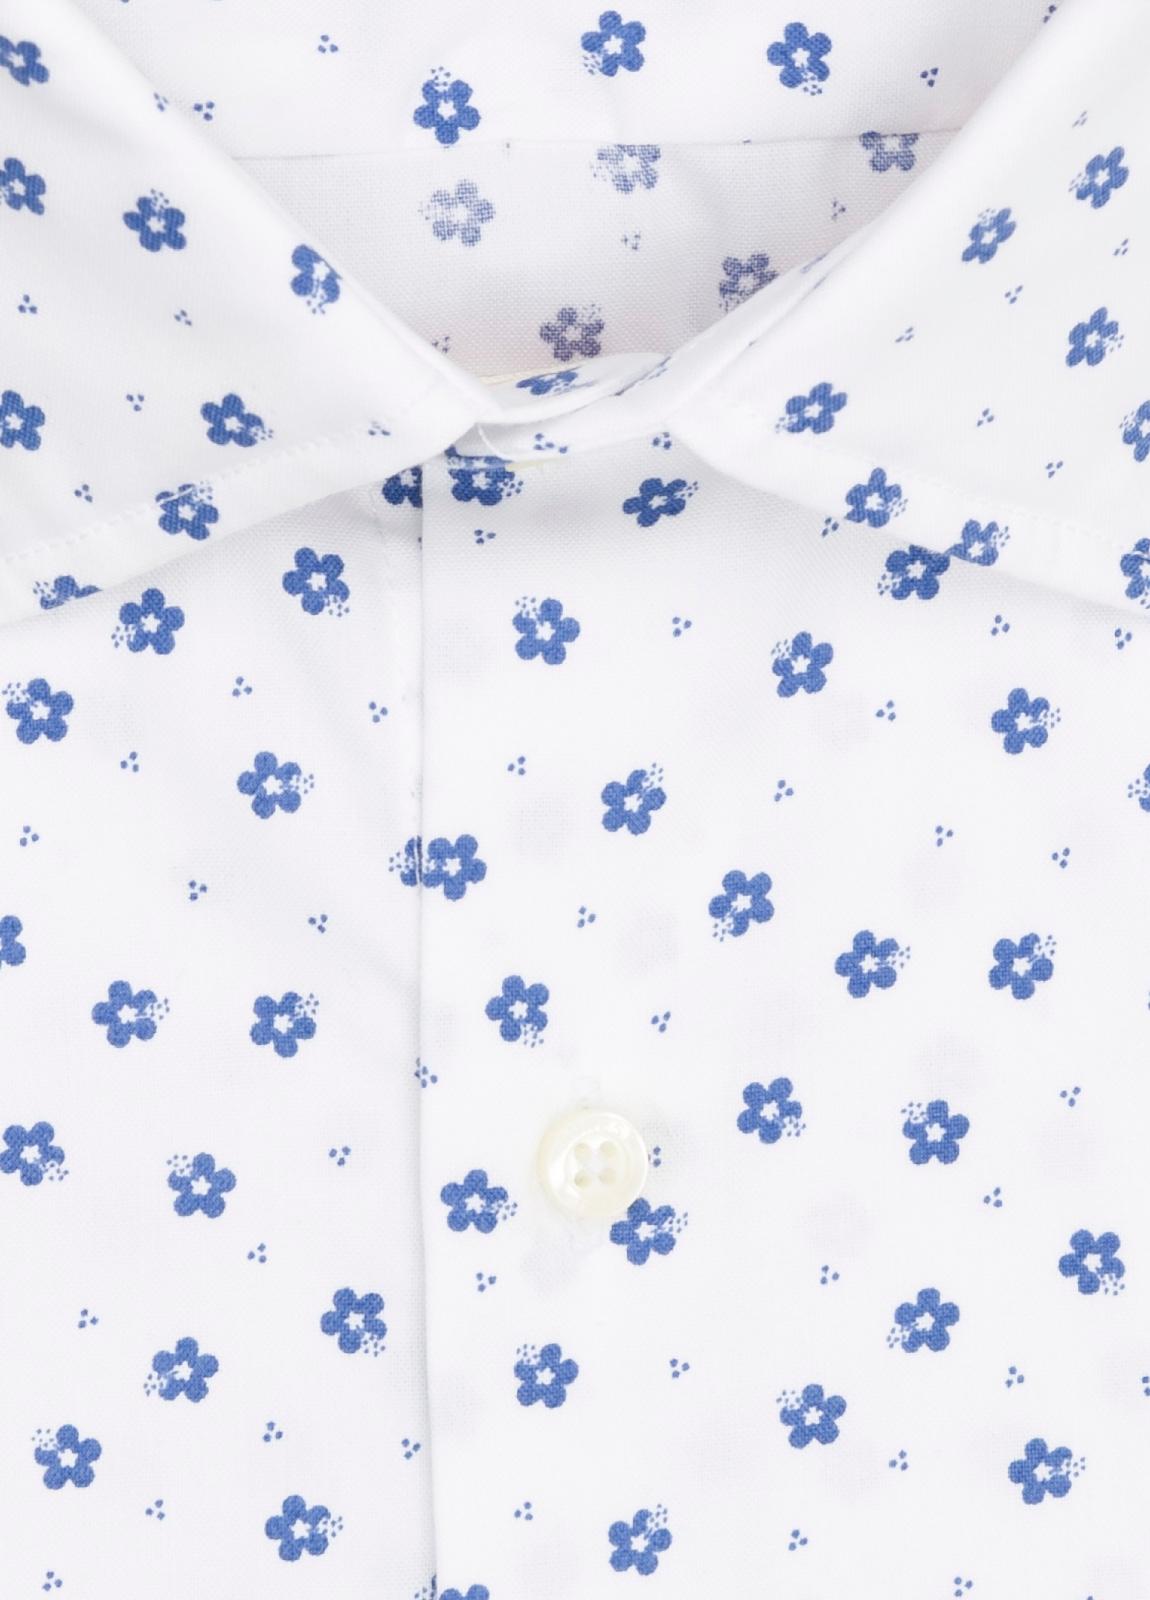 Camisa Casual Wear FUREST COLECCIÓN slim fit estampado flores - Ítem1